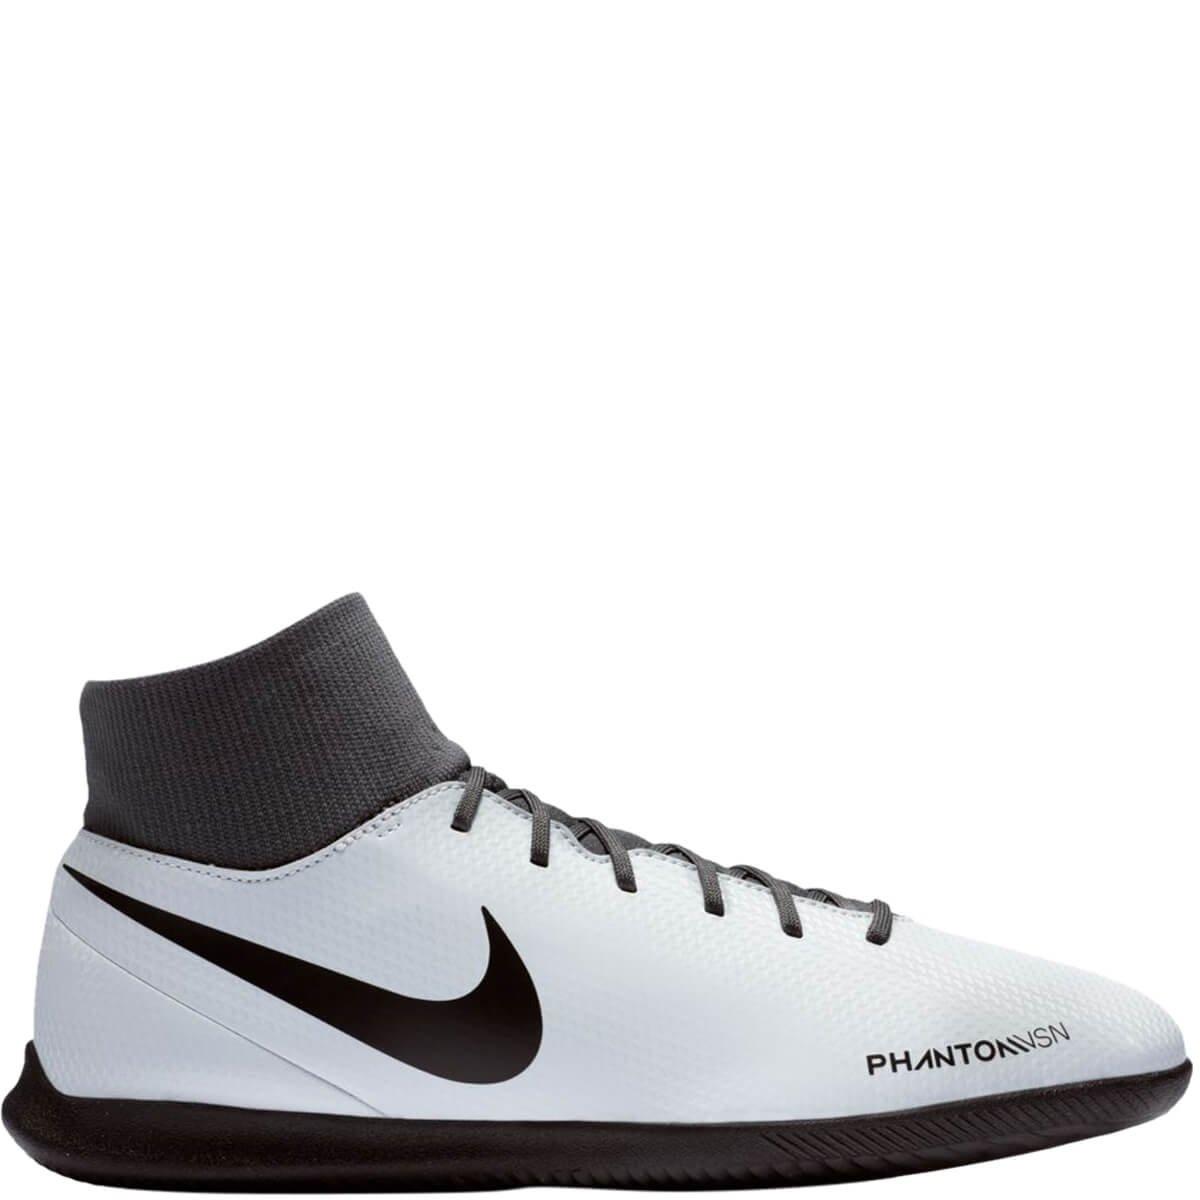 2084c9a34c Bizz Store - Chuteira Futsal Masculina Nike PhantomX Vision Club